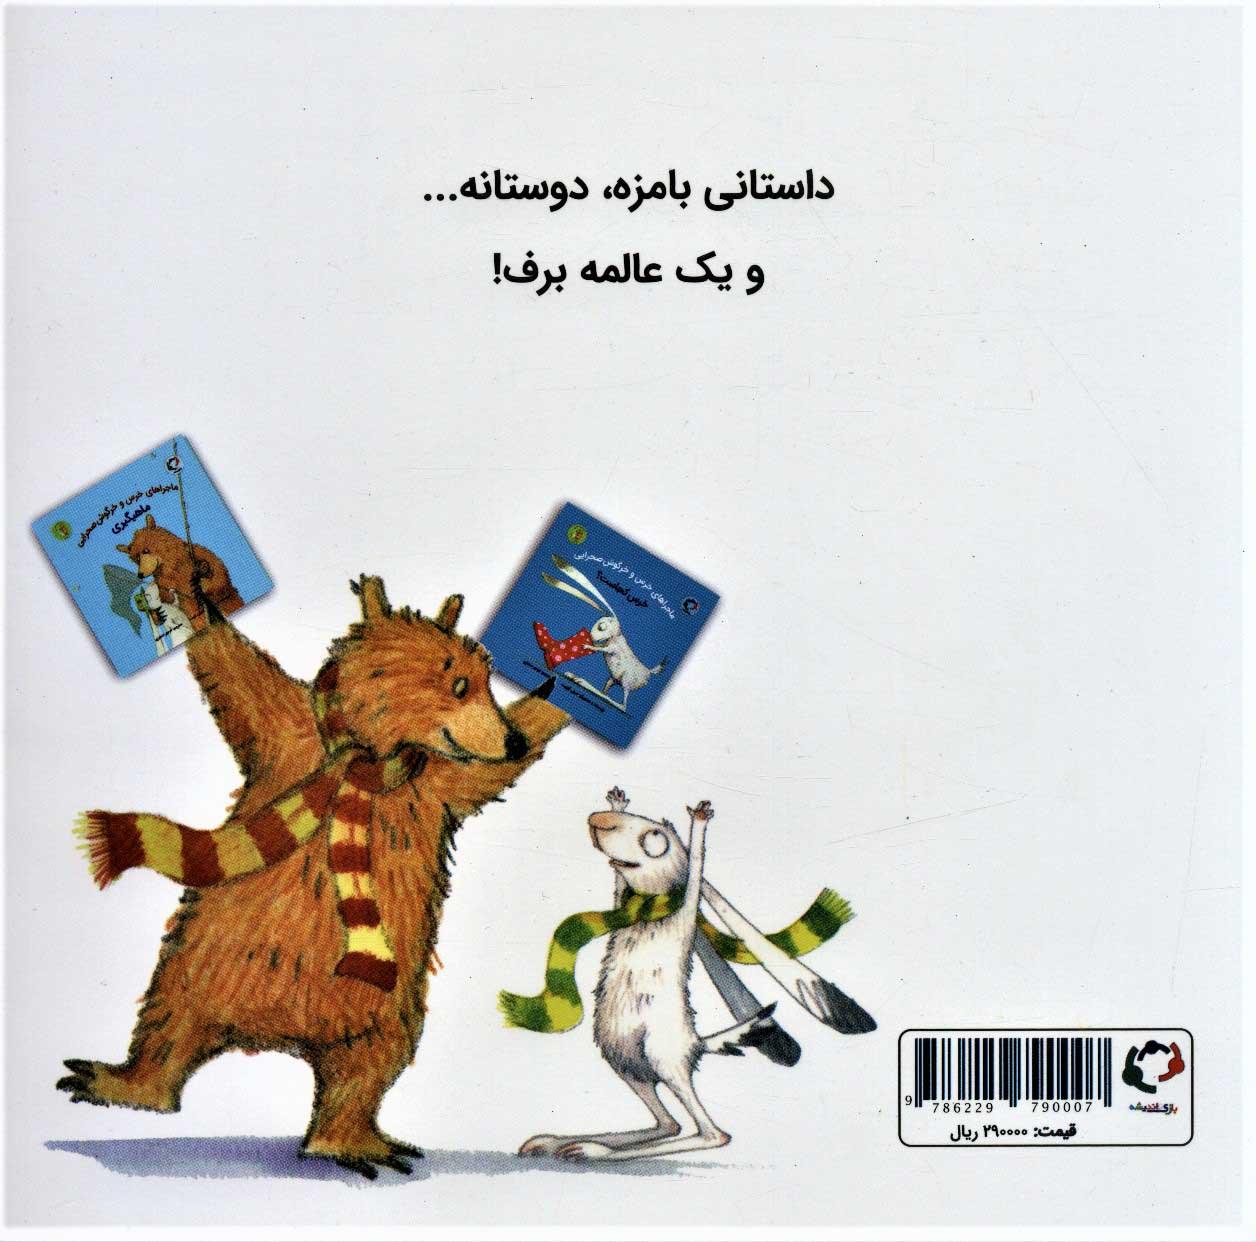 ماجراهای خرس و خرگوش صحرایی 4 (برف بازی)،(گلاسه)